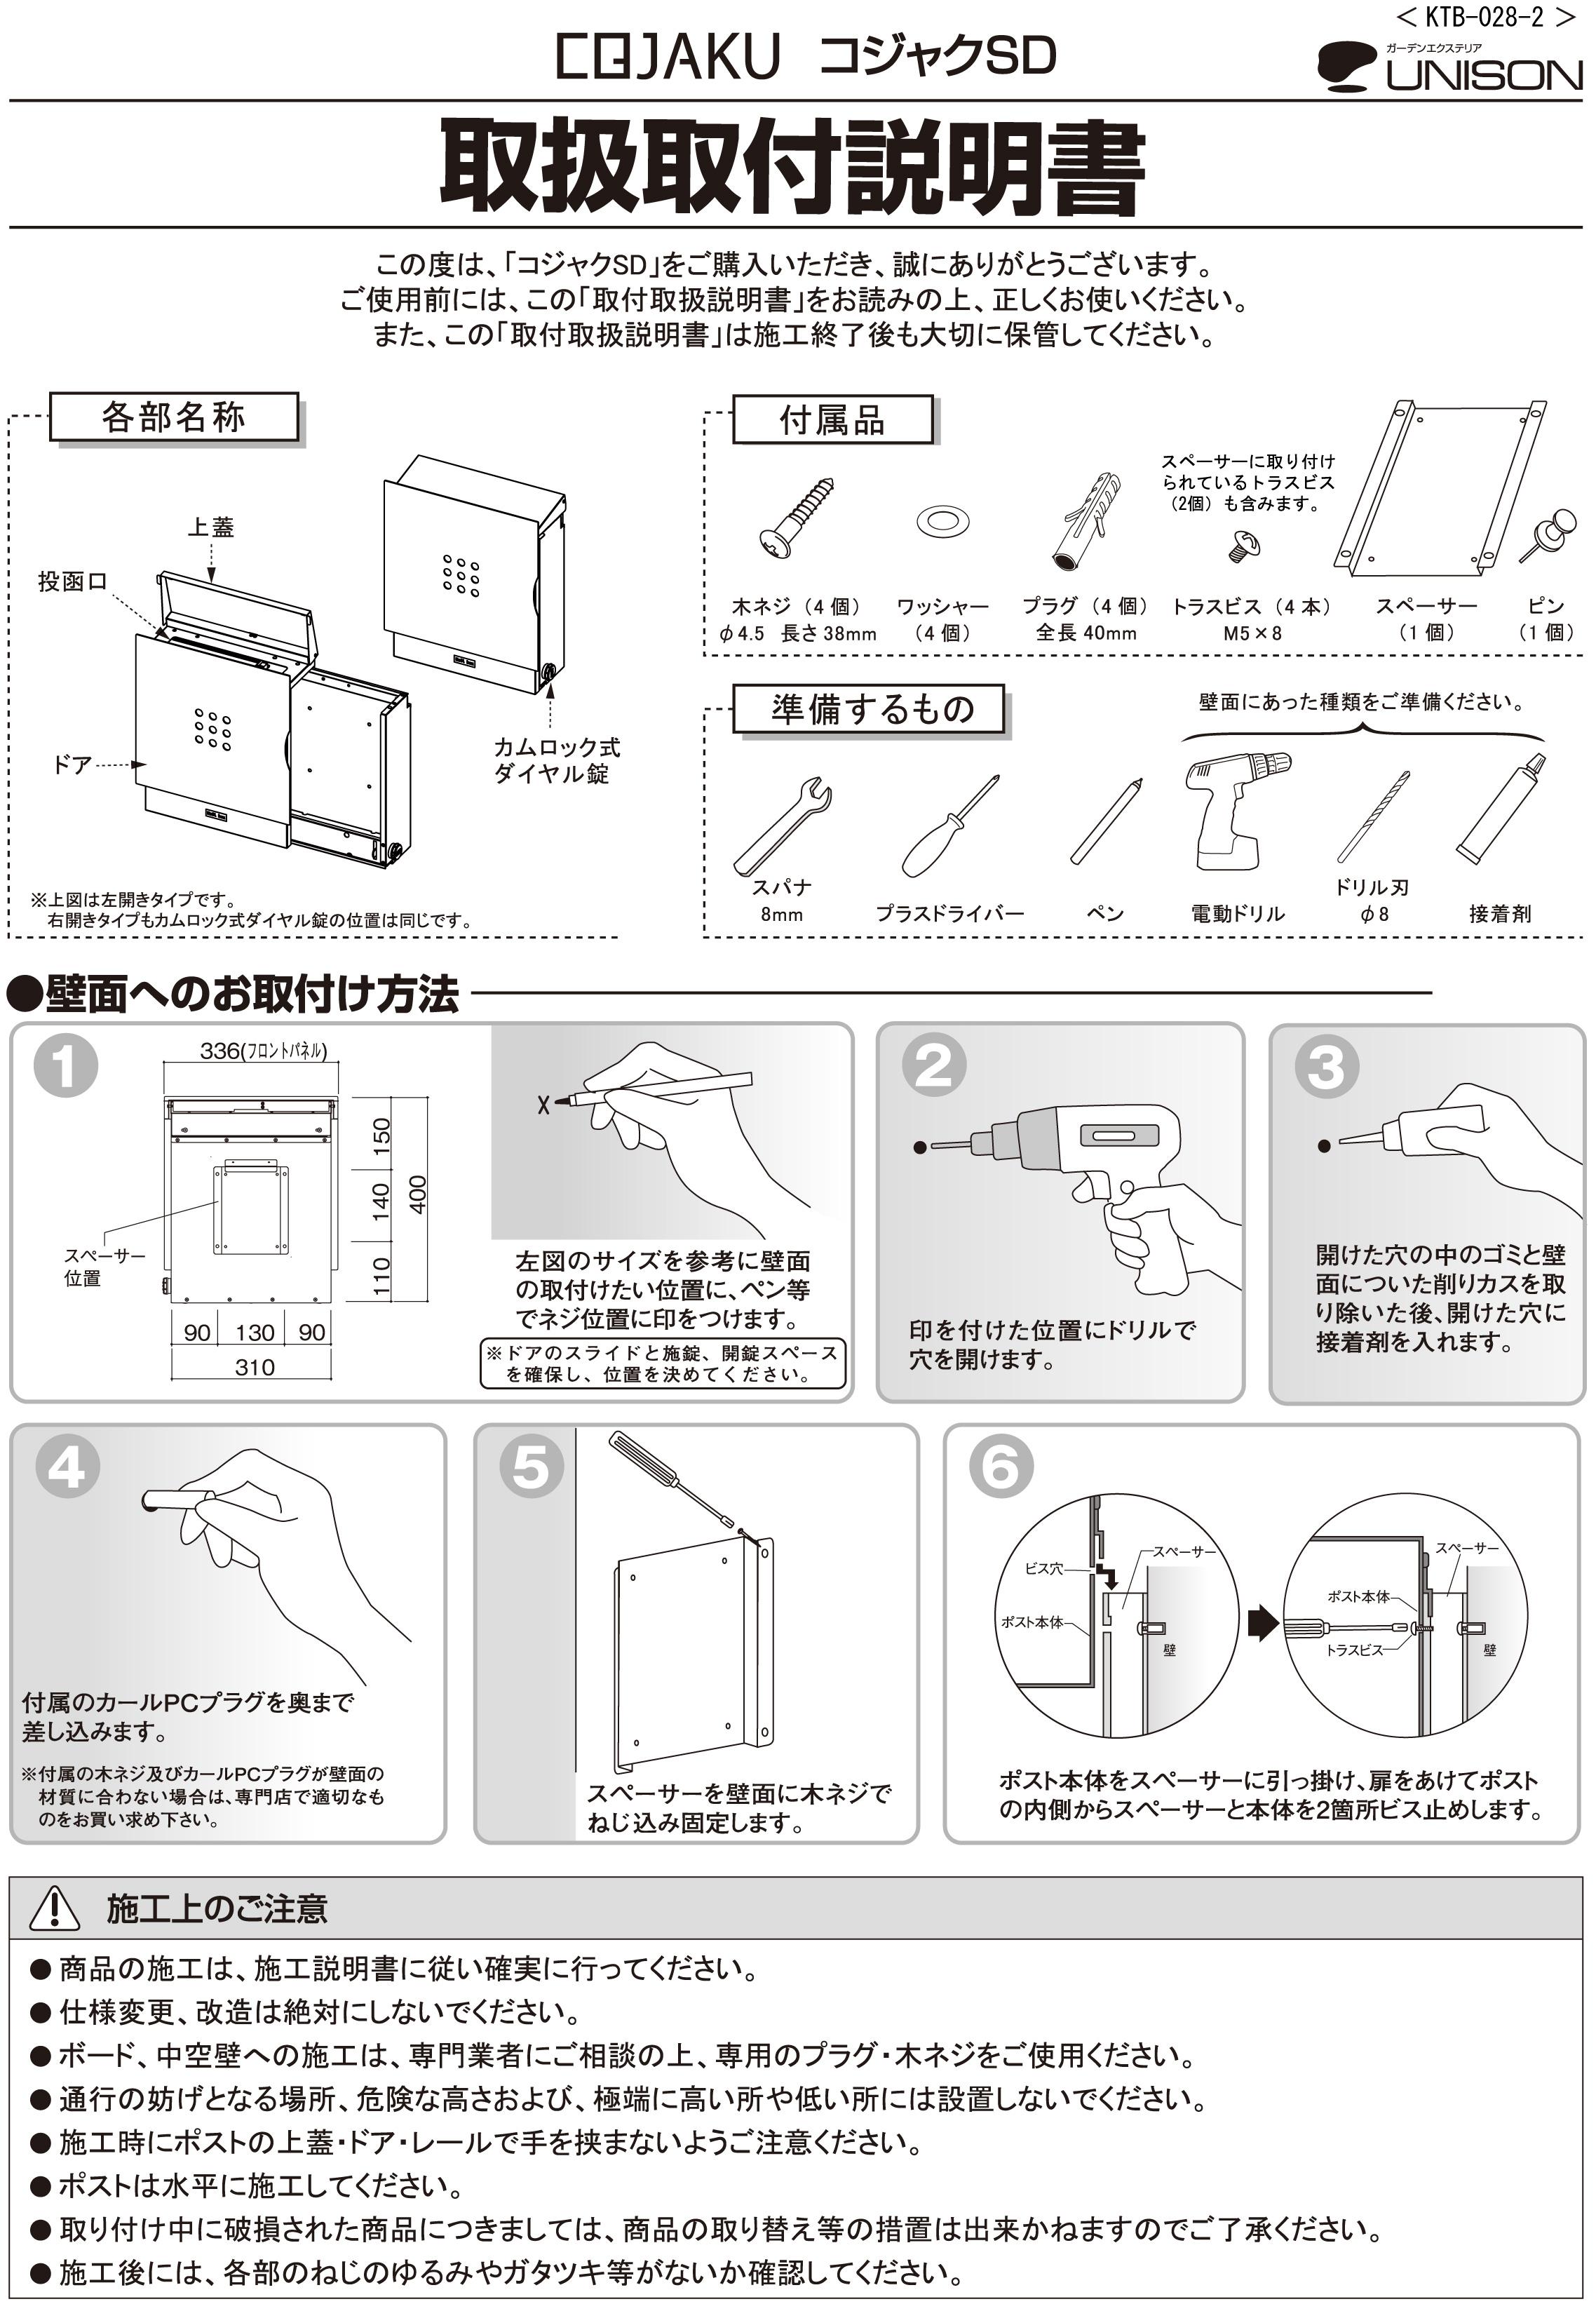 コジャクSD_取扱説明書-1